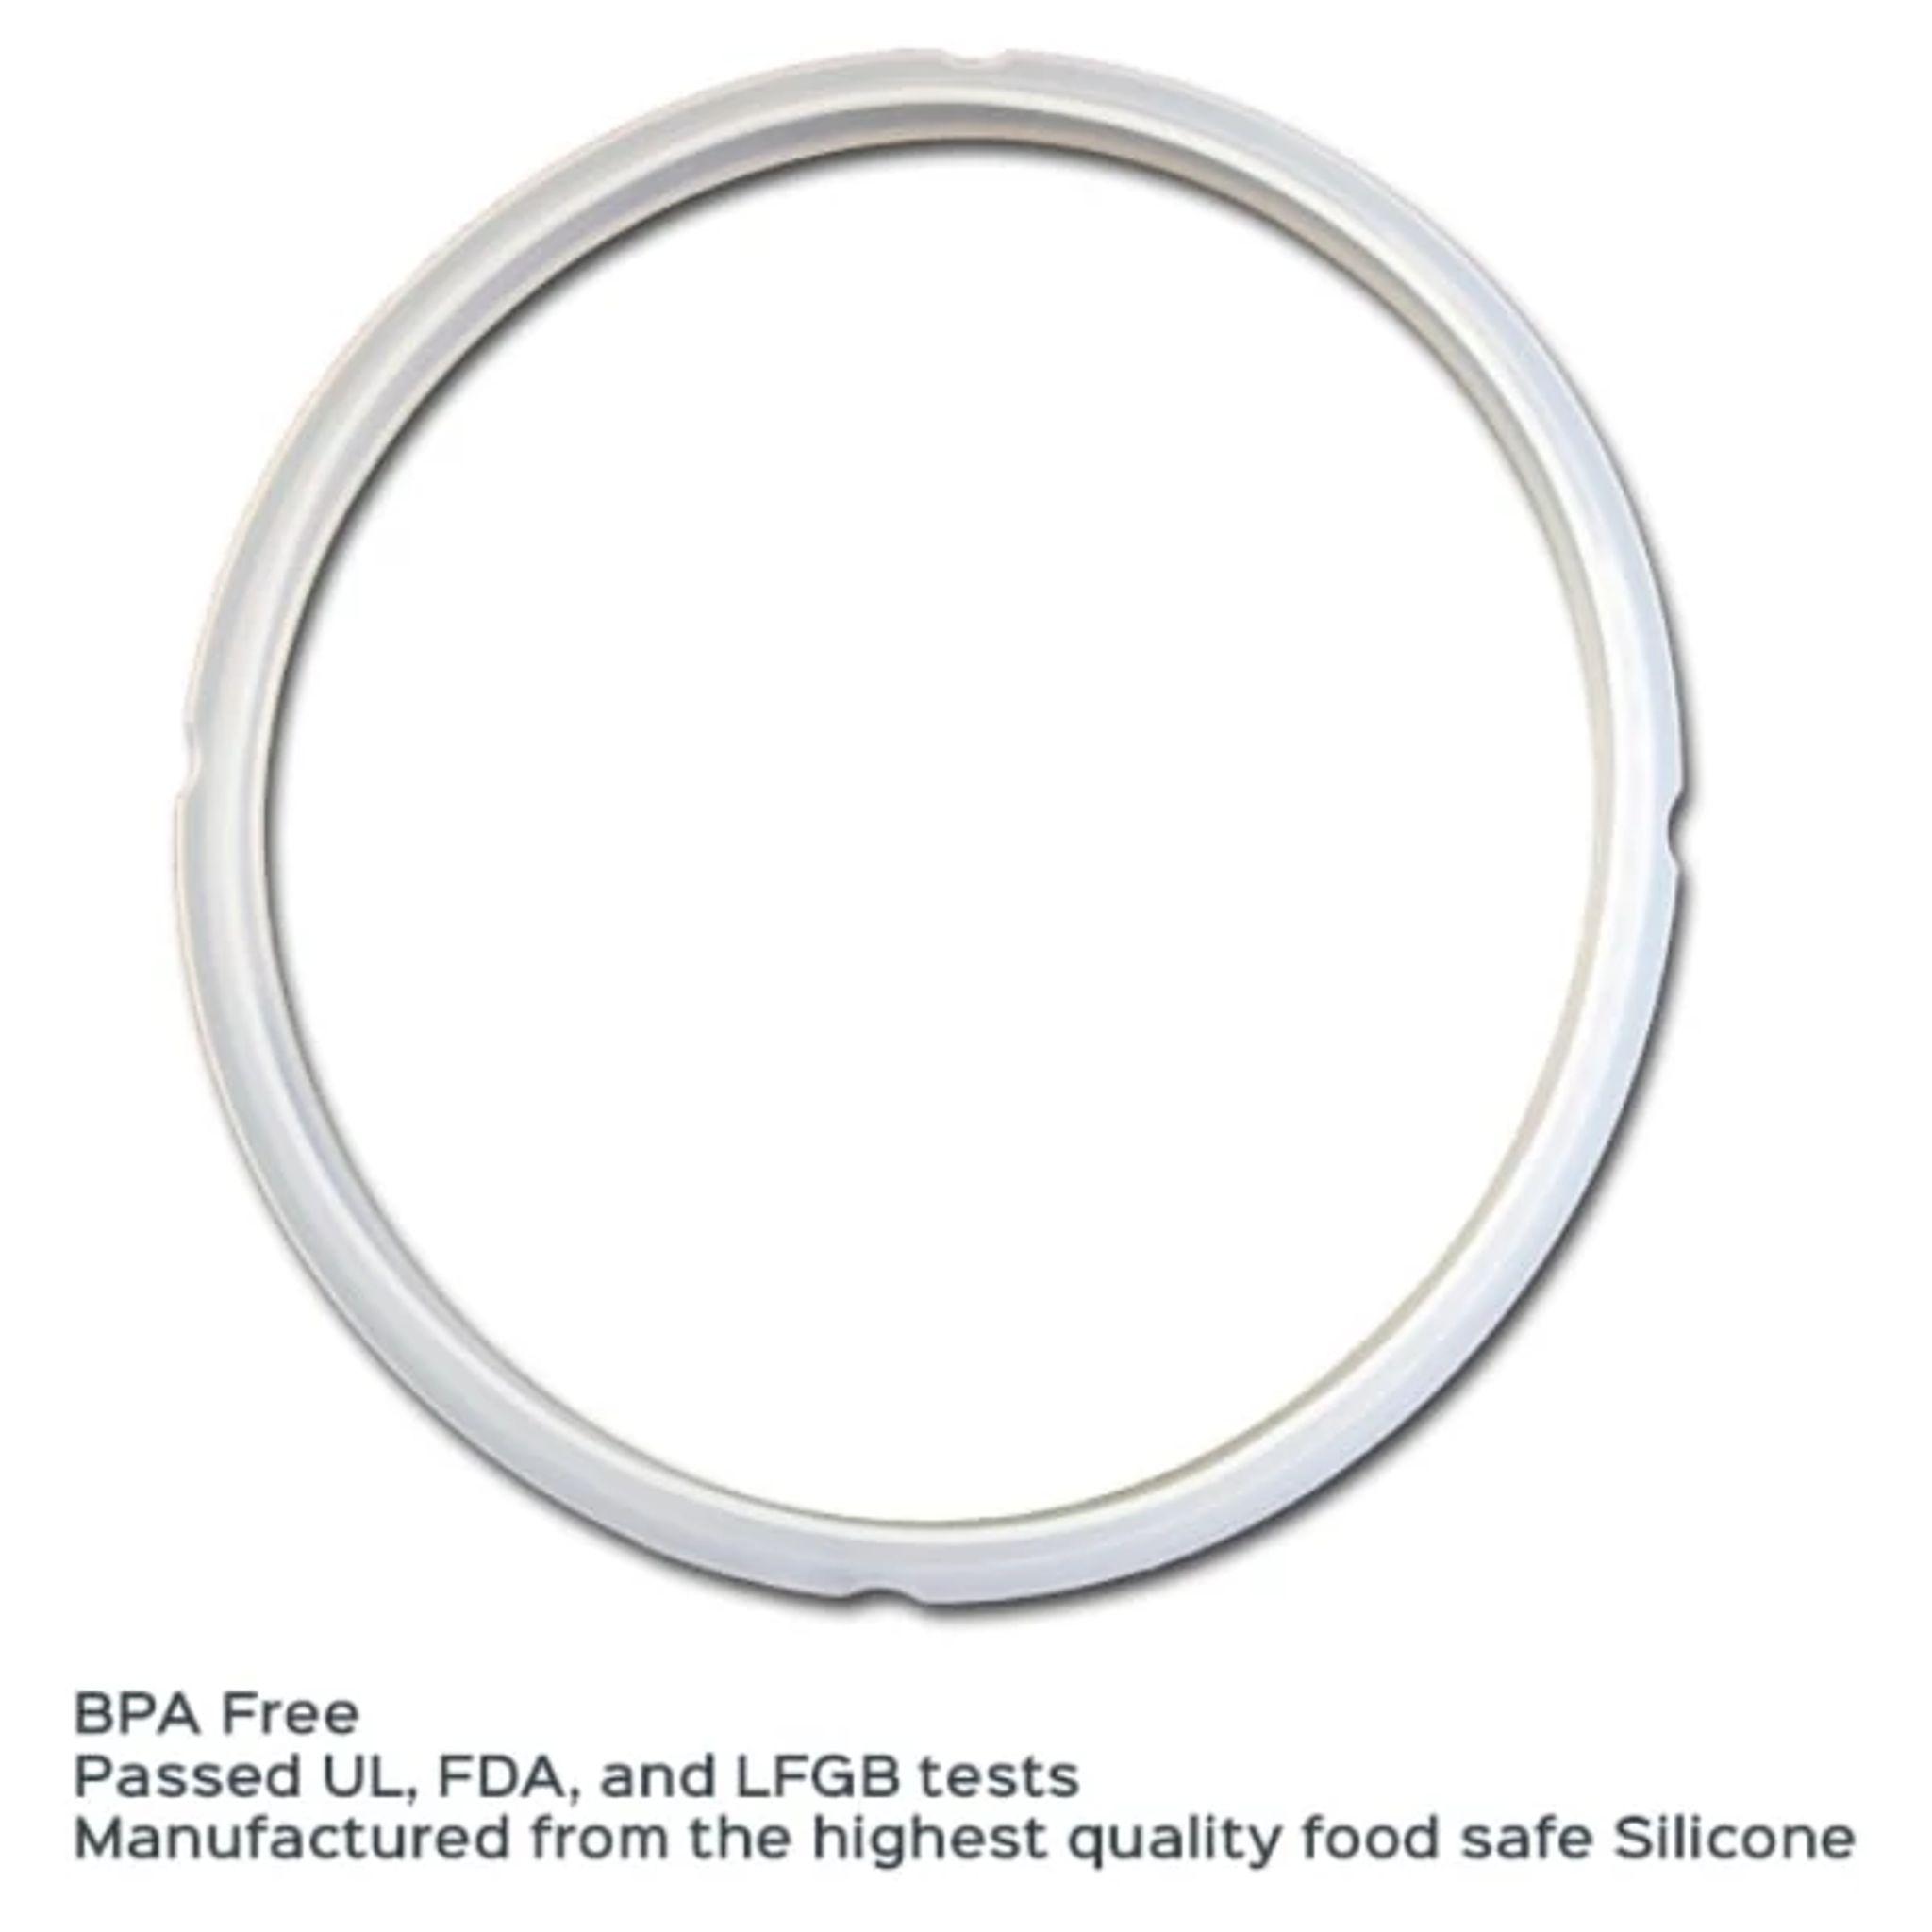 Instant Pot 10-quart Sealing Ring